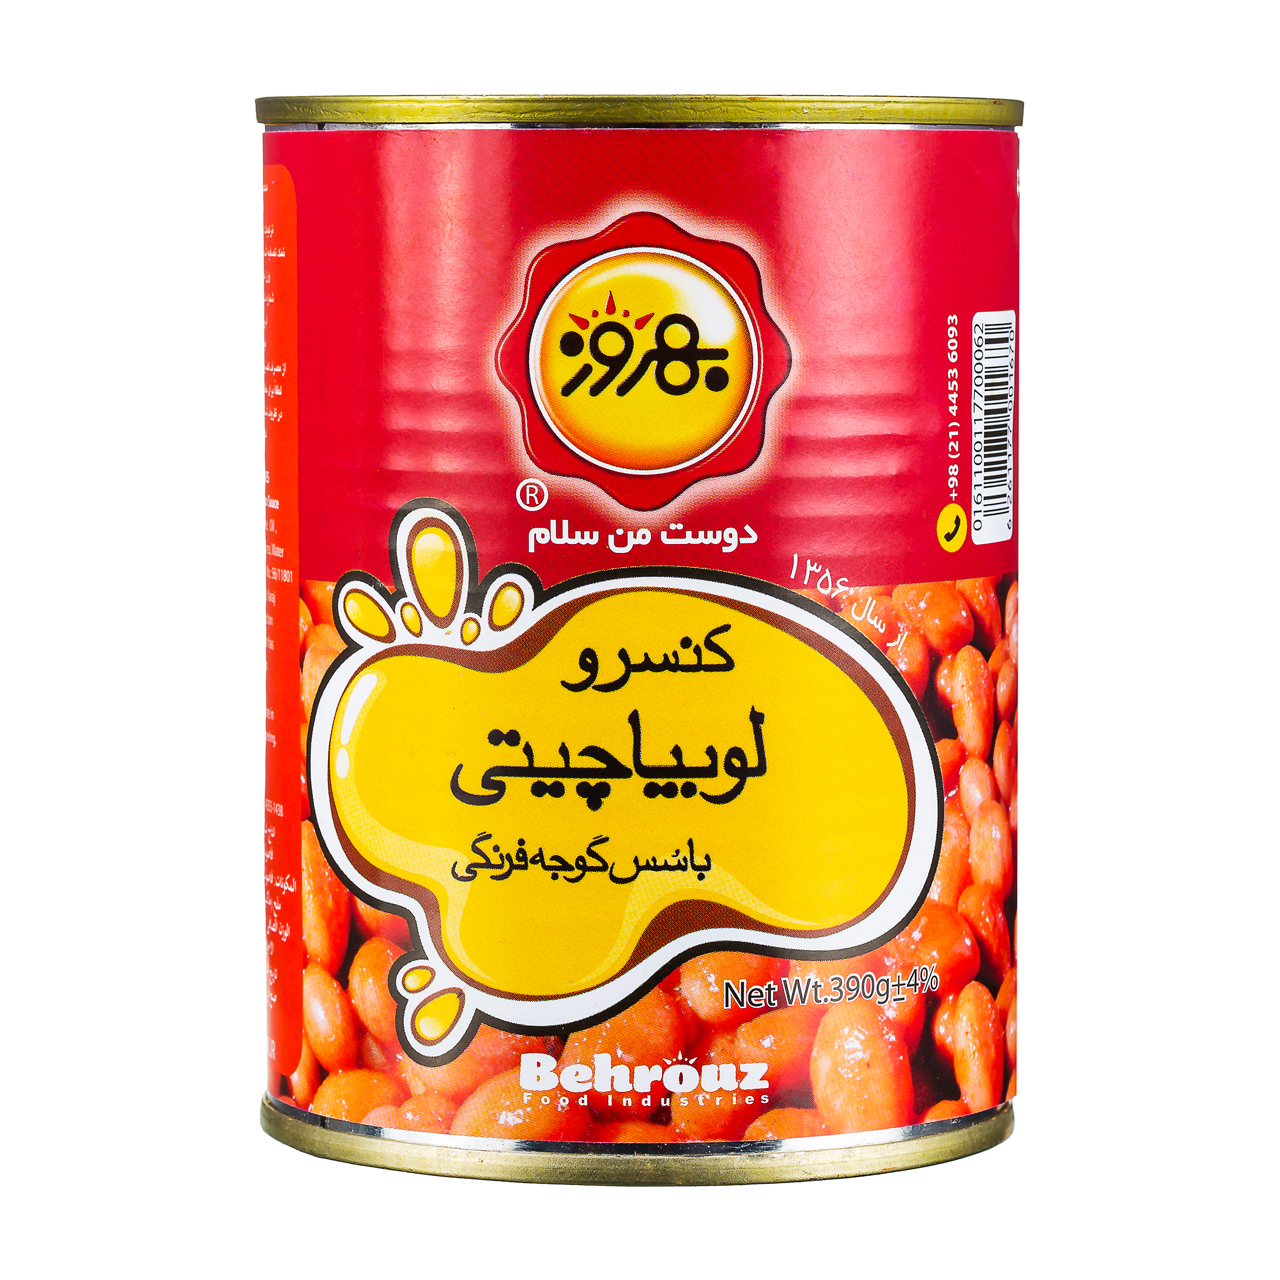 کنسرو لوبیا چیتی با سس گوجه فرنگی بهروز-390 گرم